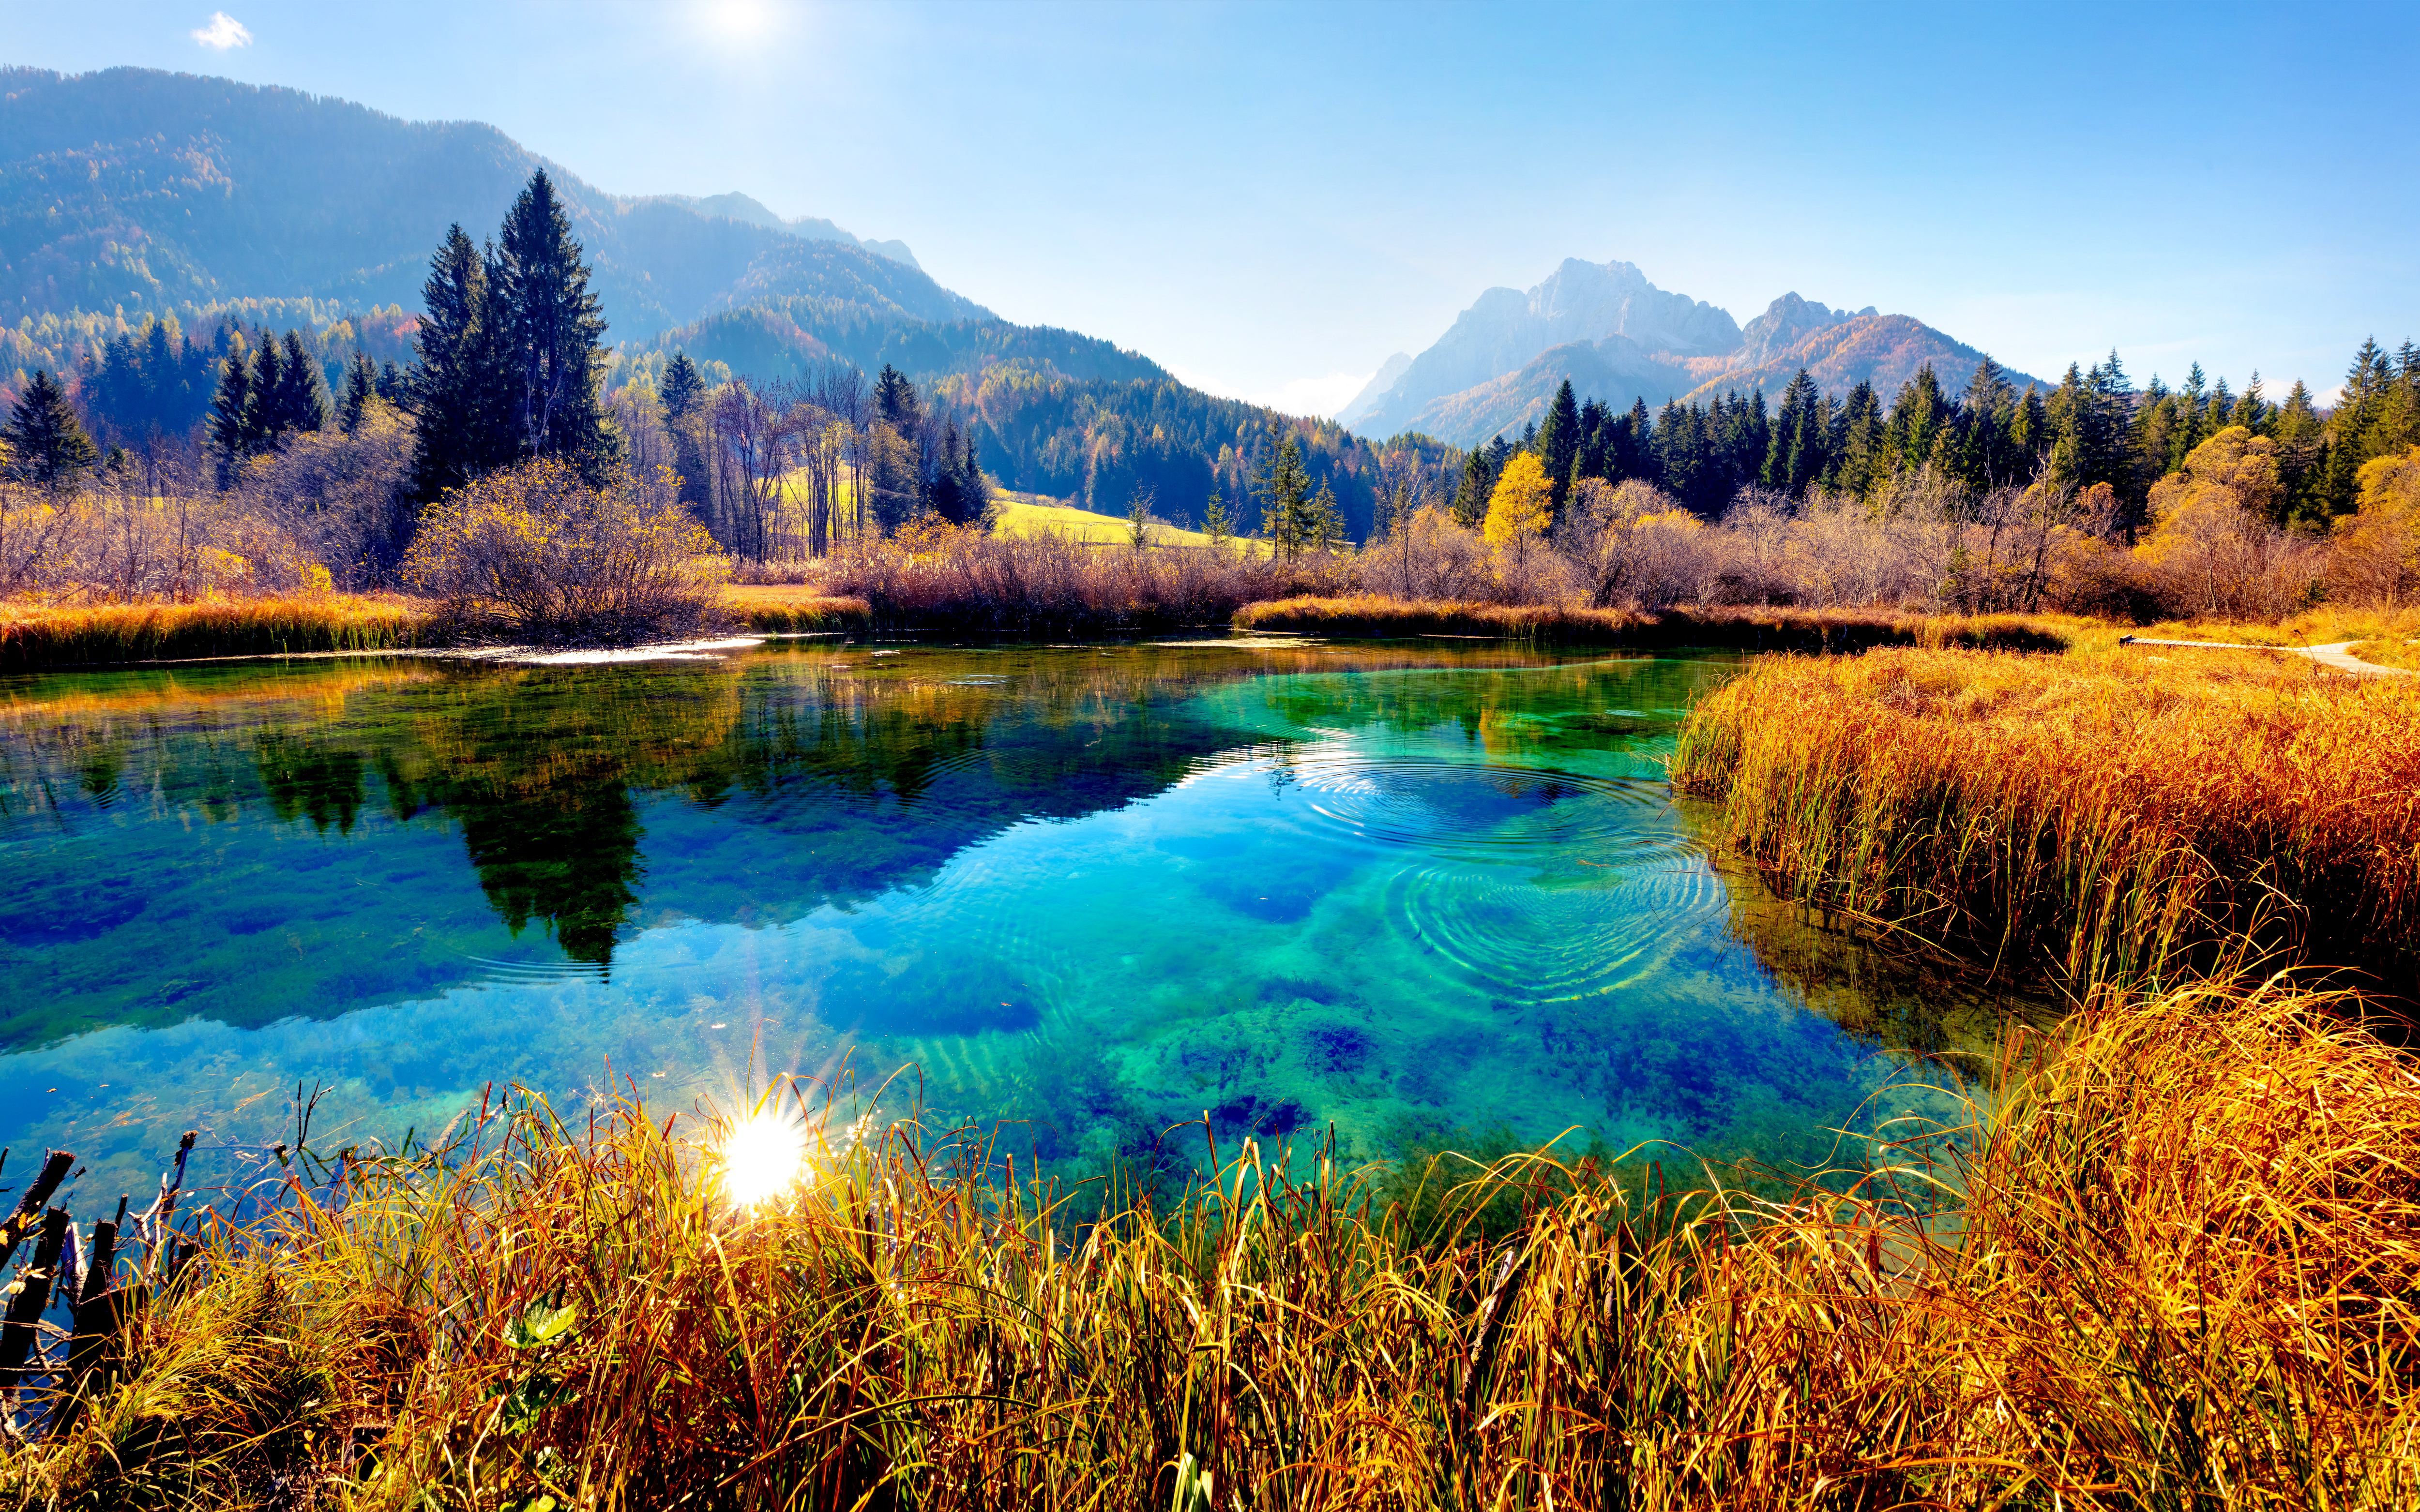 Slovenia lakes and mountains